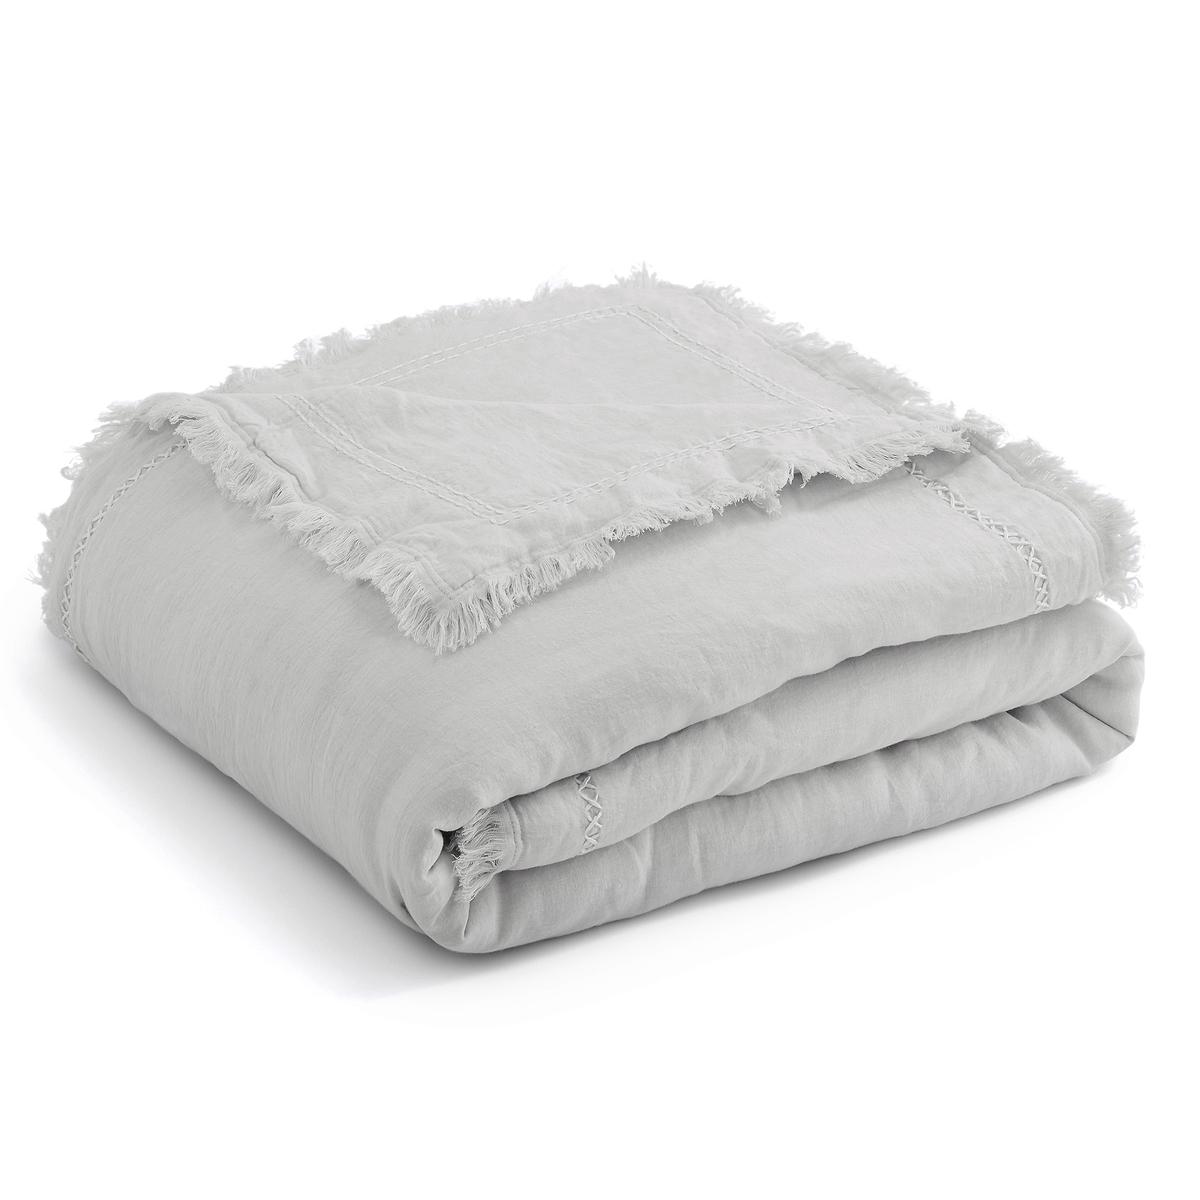 Покрывало La Redoute Из льна сшитое вручную Domitien 180 x 230 см серый комплект из полотенце для la redoute рук из хлопка и льна nipaly 50 x 100 см белый